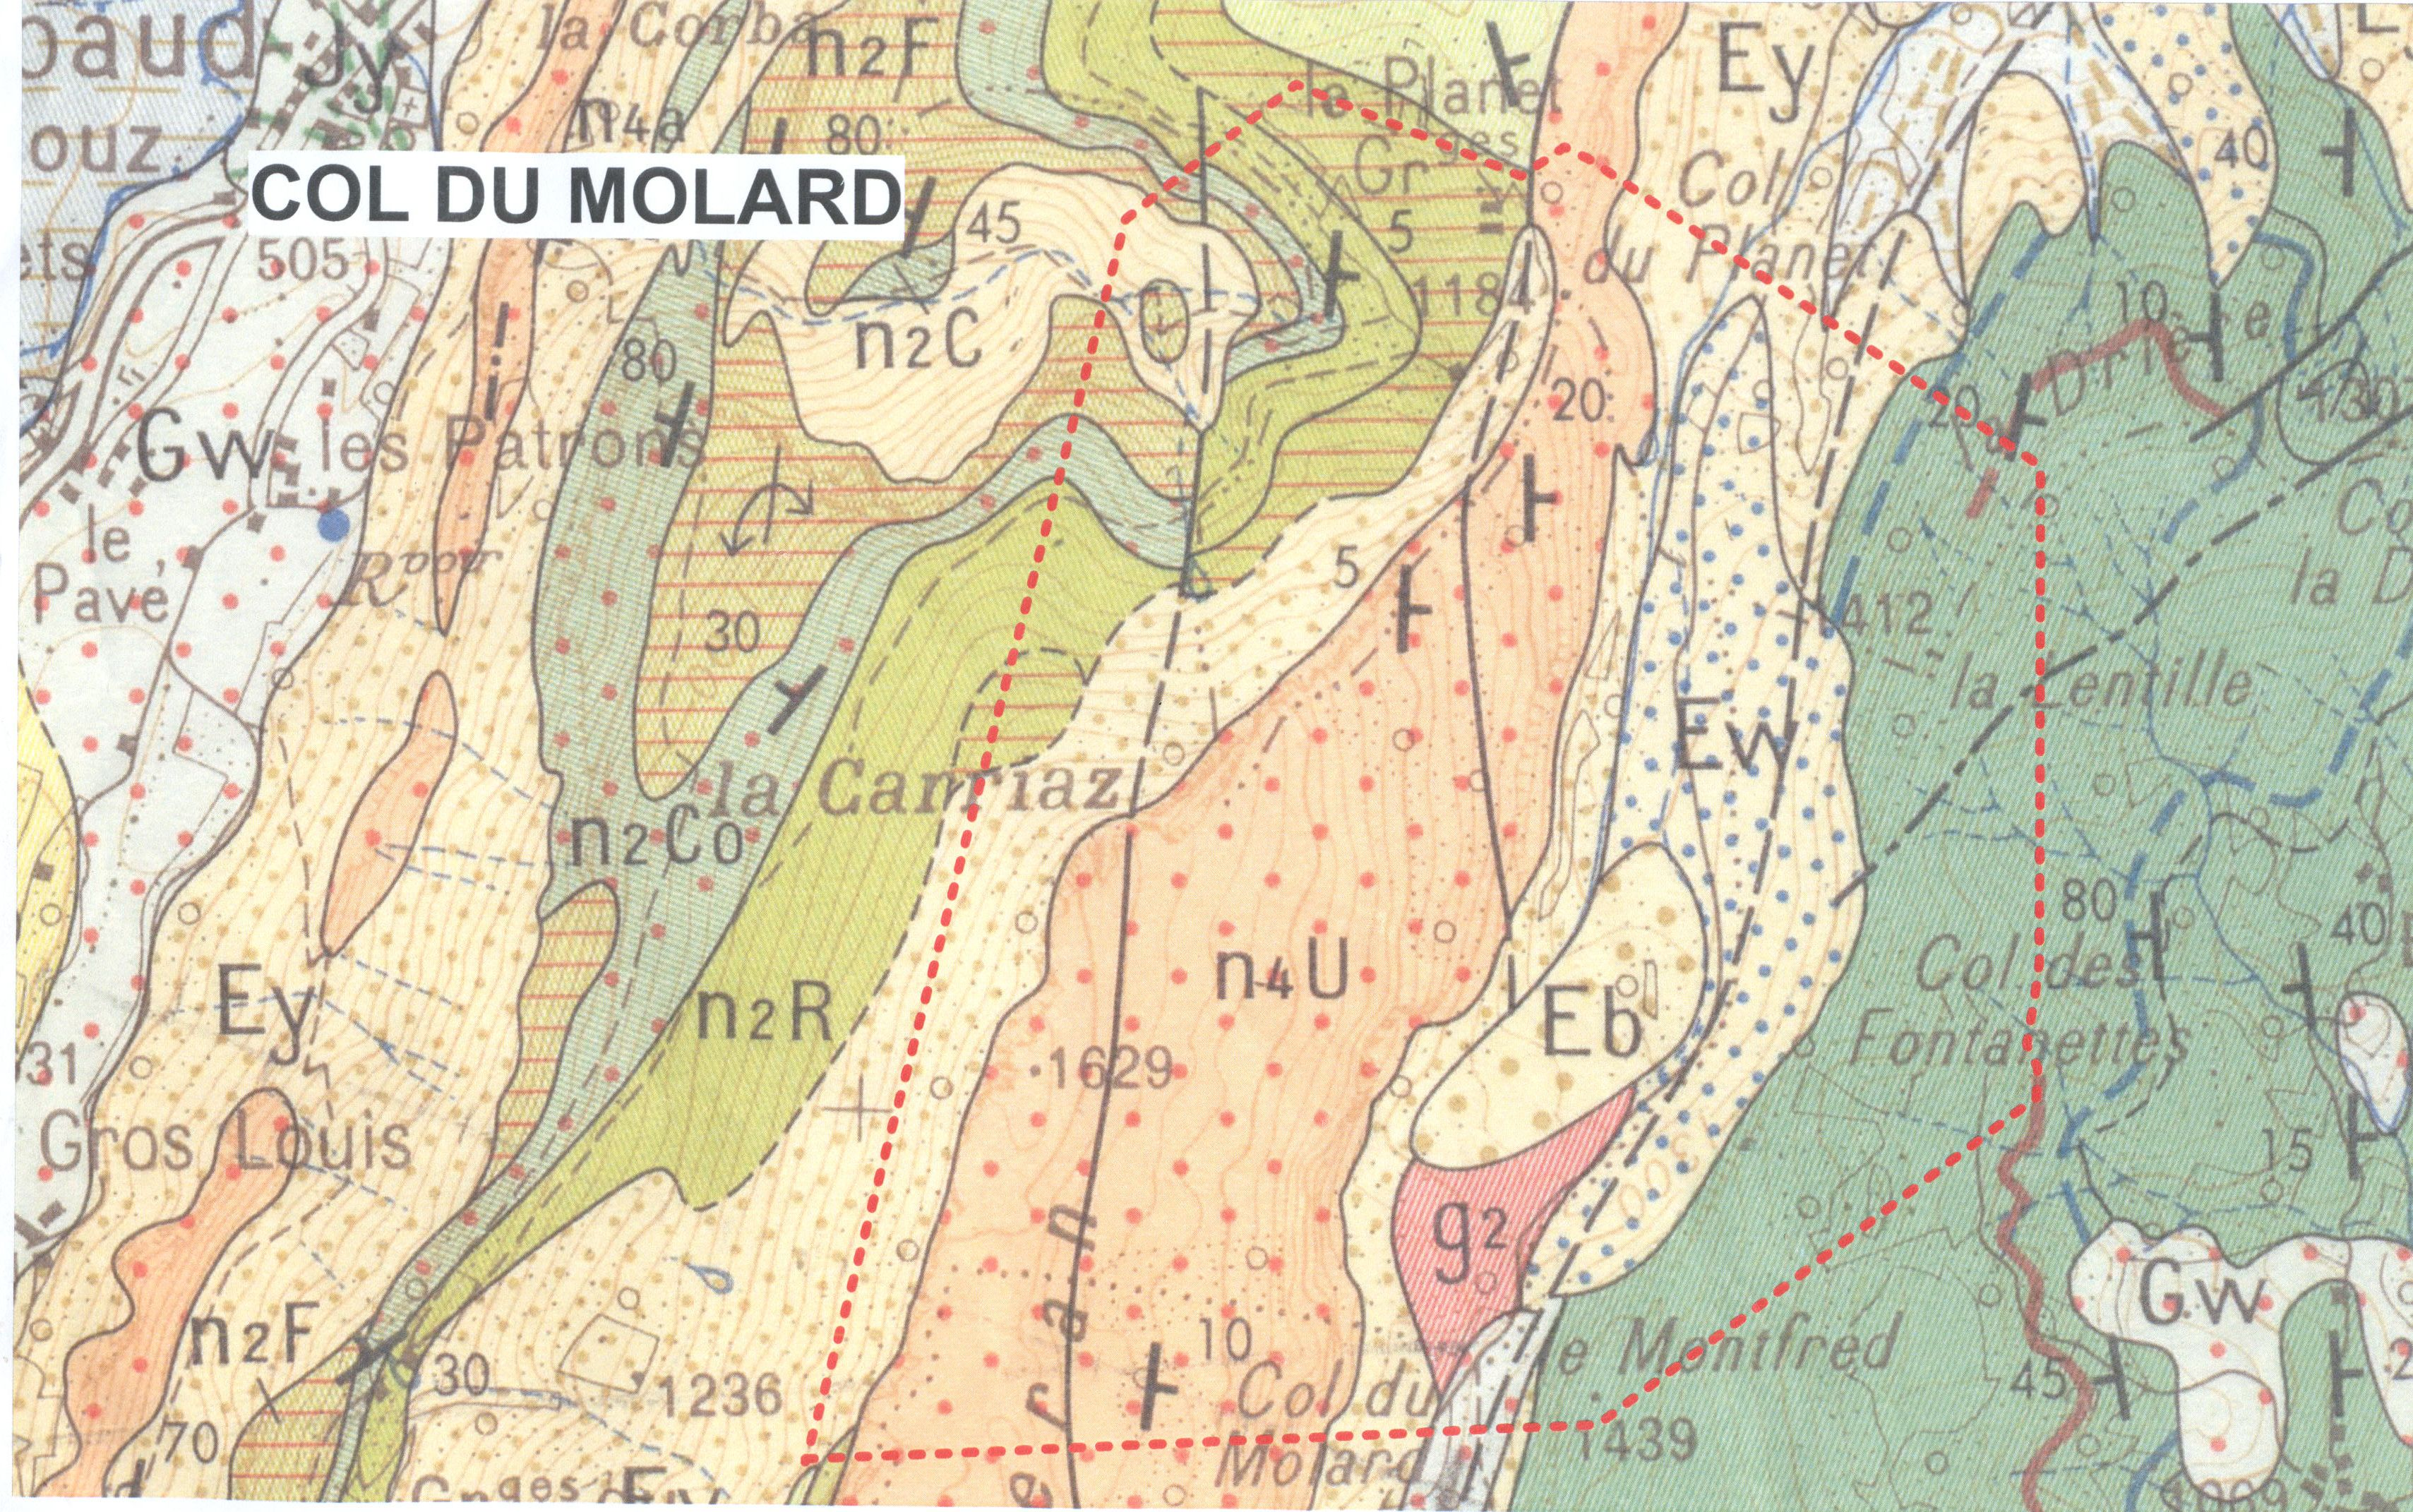 Carte Geologique Australie.Carte Geologique De L Australie Cartes Telechargeables